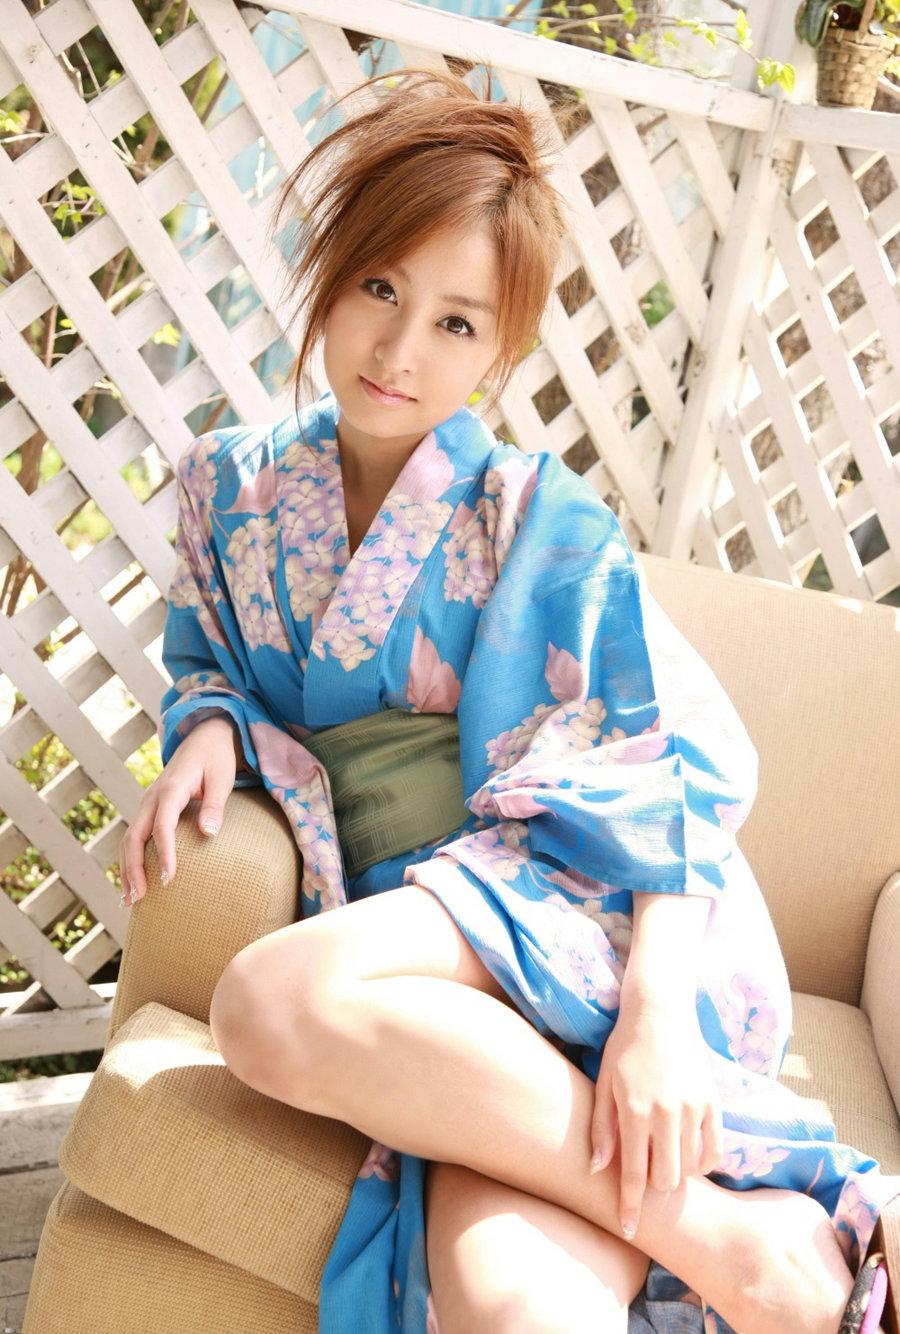 着物や浴衣を着た和服美人なお姉さんのエロ画像 43